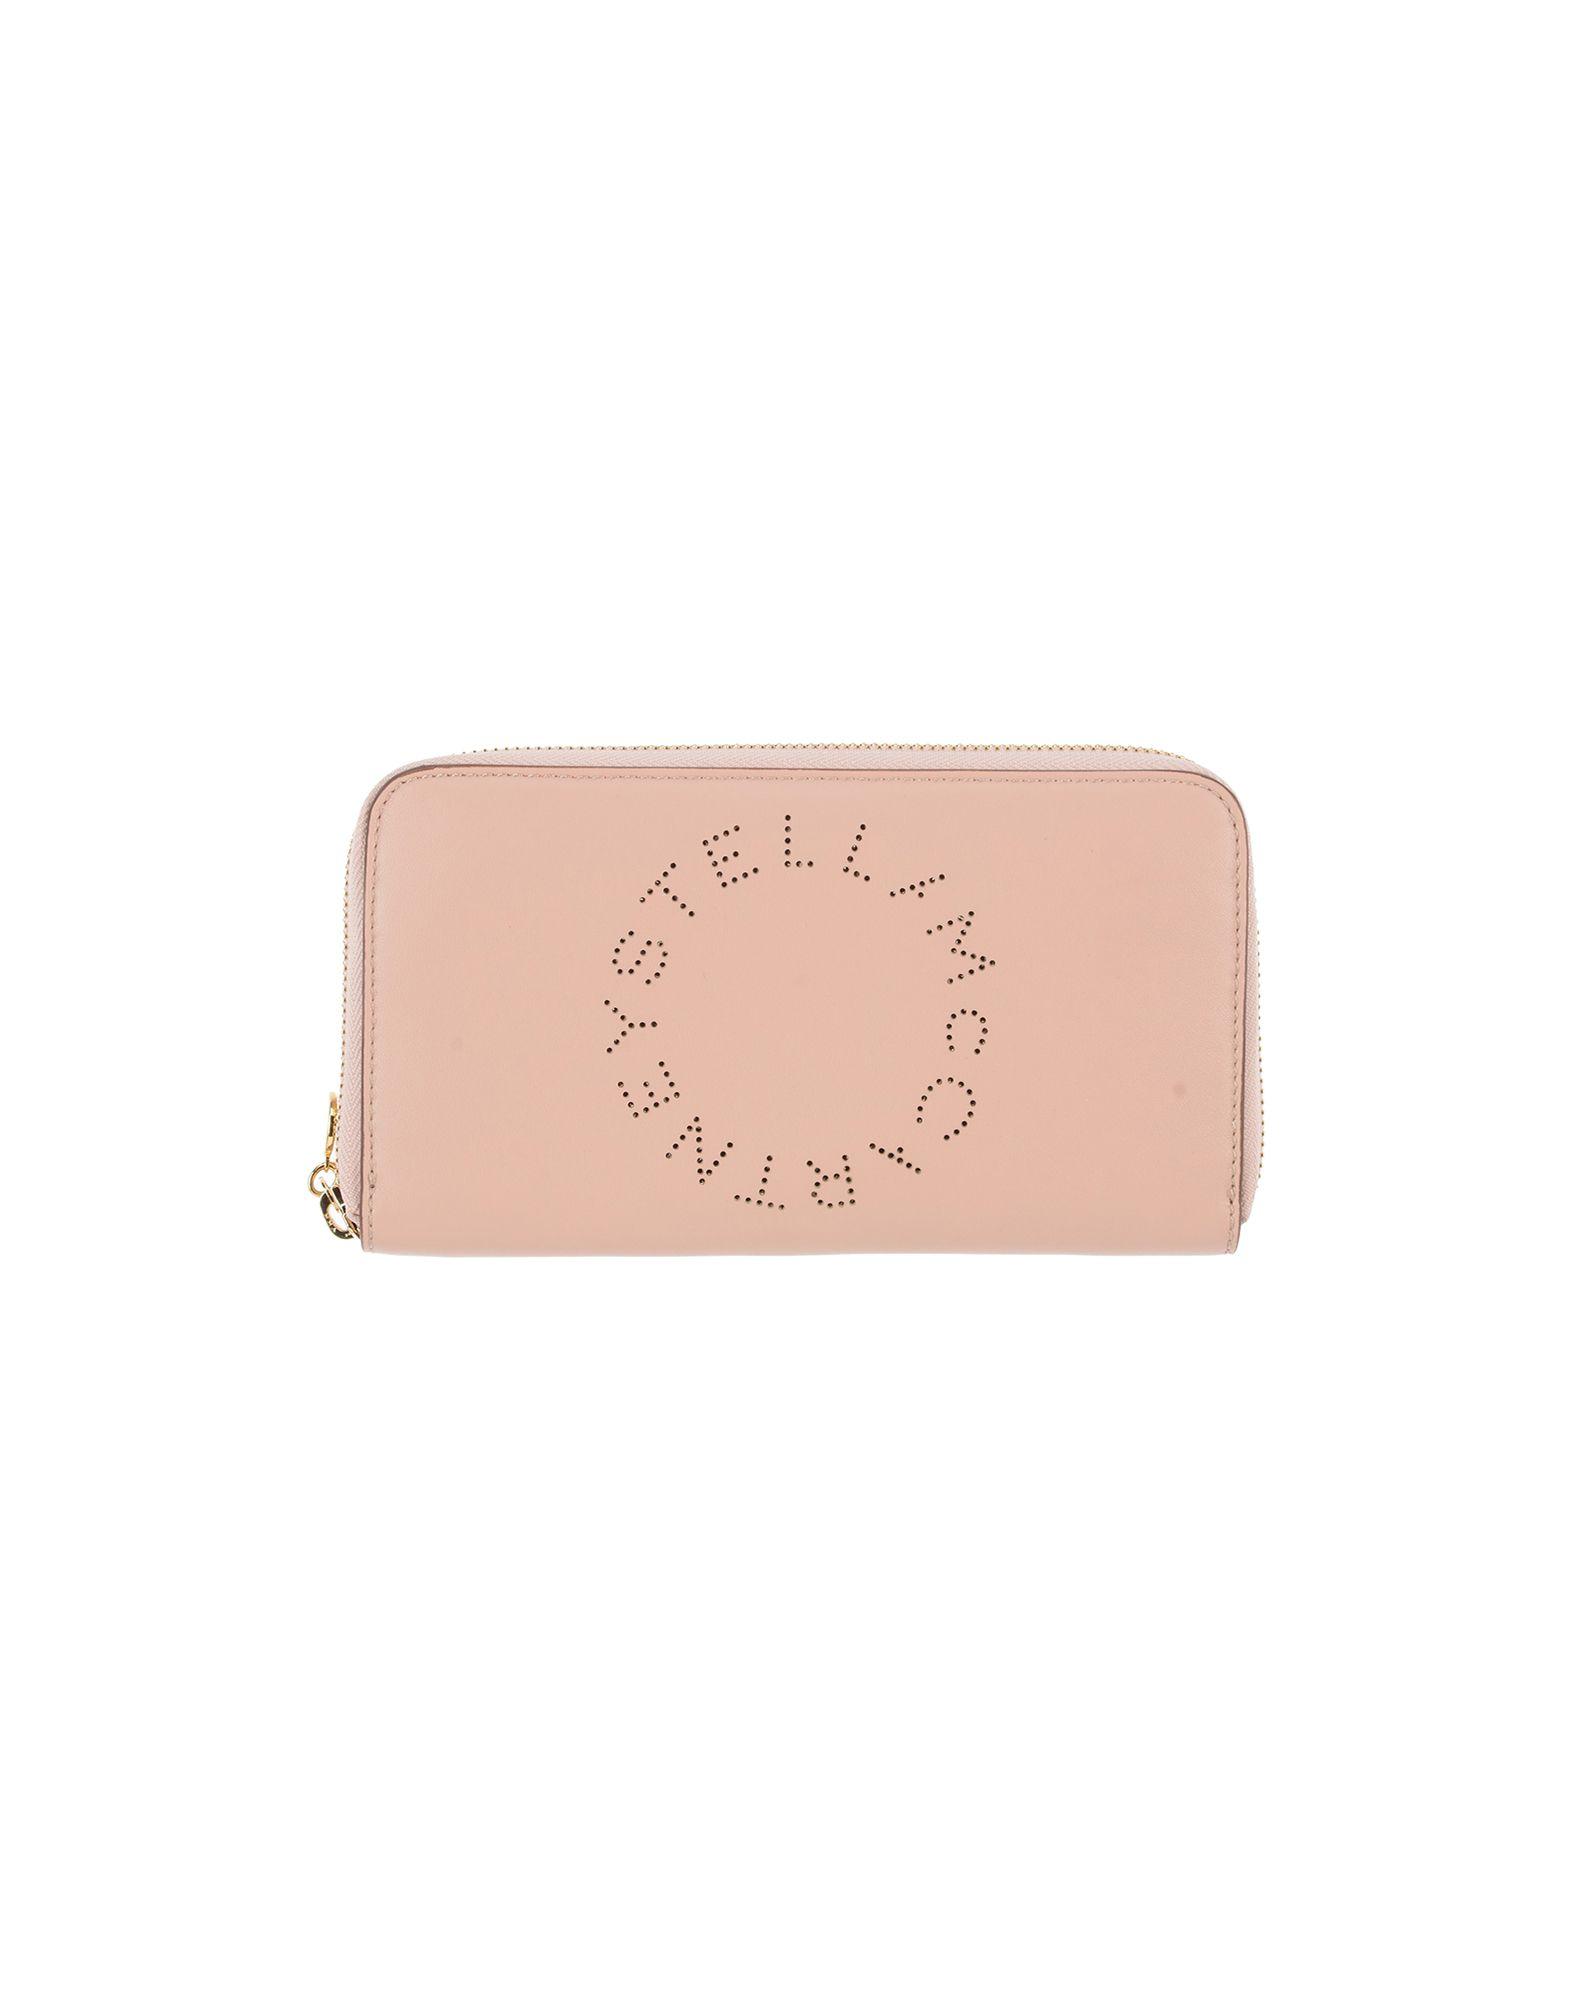 《送料無料》STELLA McCARTNEY レディース ドキュメントホルダー ピンク 紡績繊維